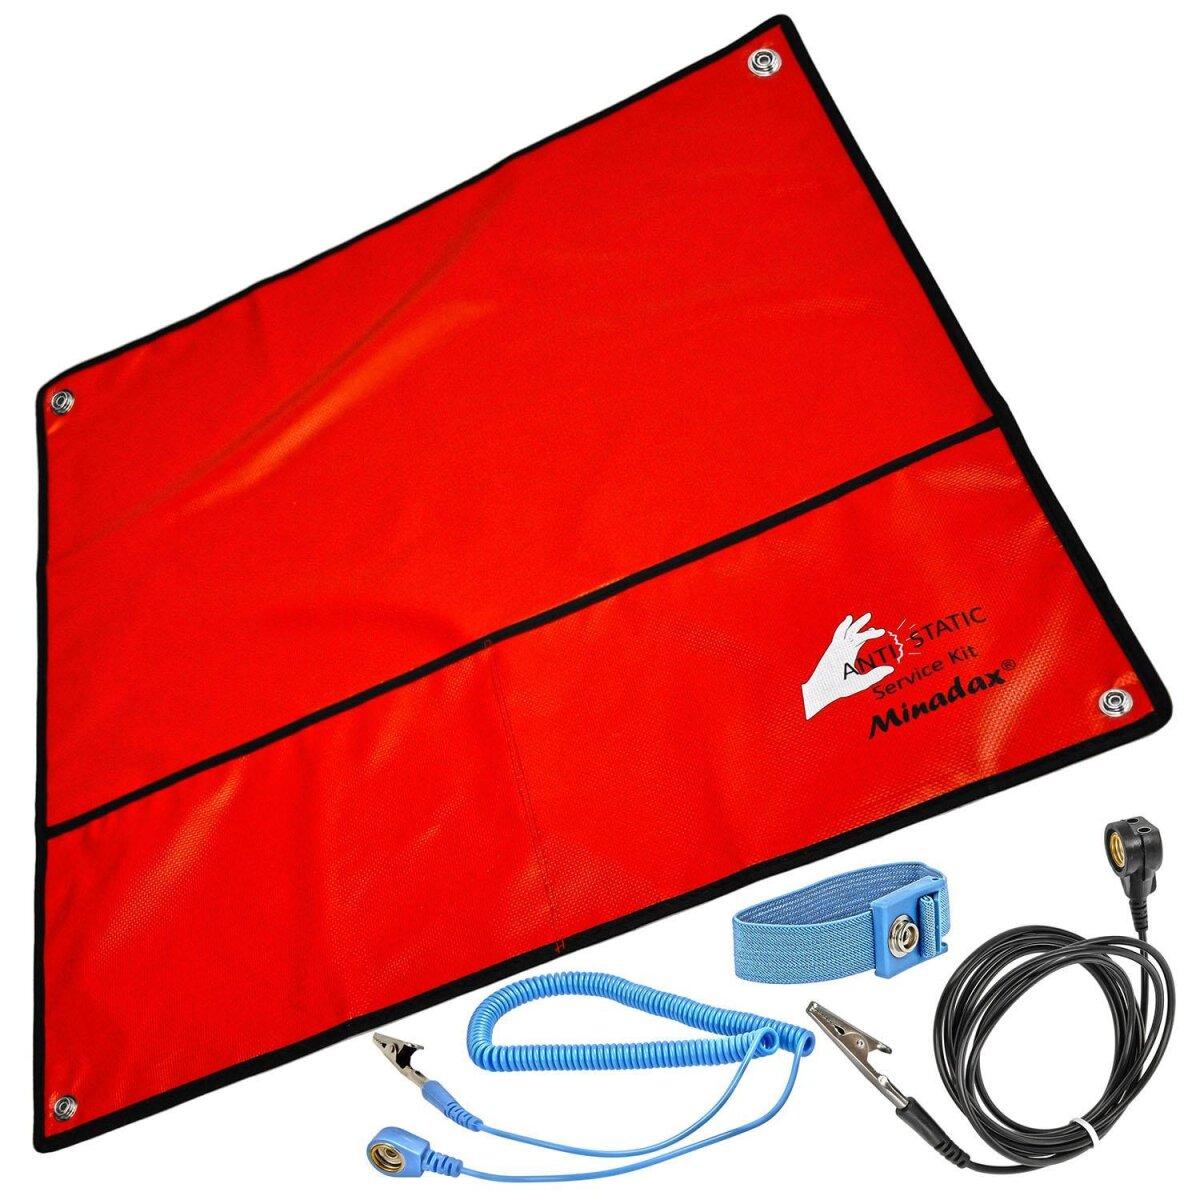 Minadax® 60 x 60cm Antistatik-Set: Antistatikmatte in rot, Handgelenksschlaufe und Erdungskabel - Für ein sicheres Arbeiten und Schutz Ihrer Bauteile vor Entladungsschaeden